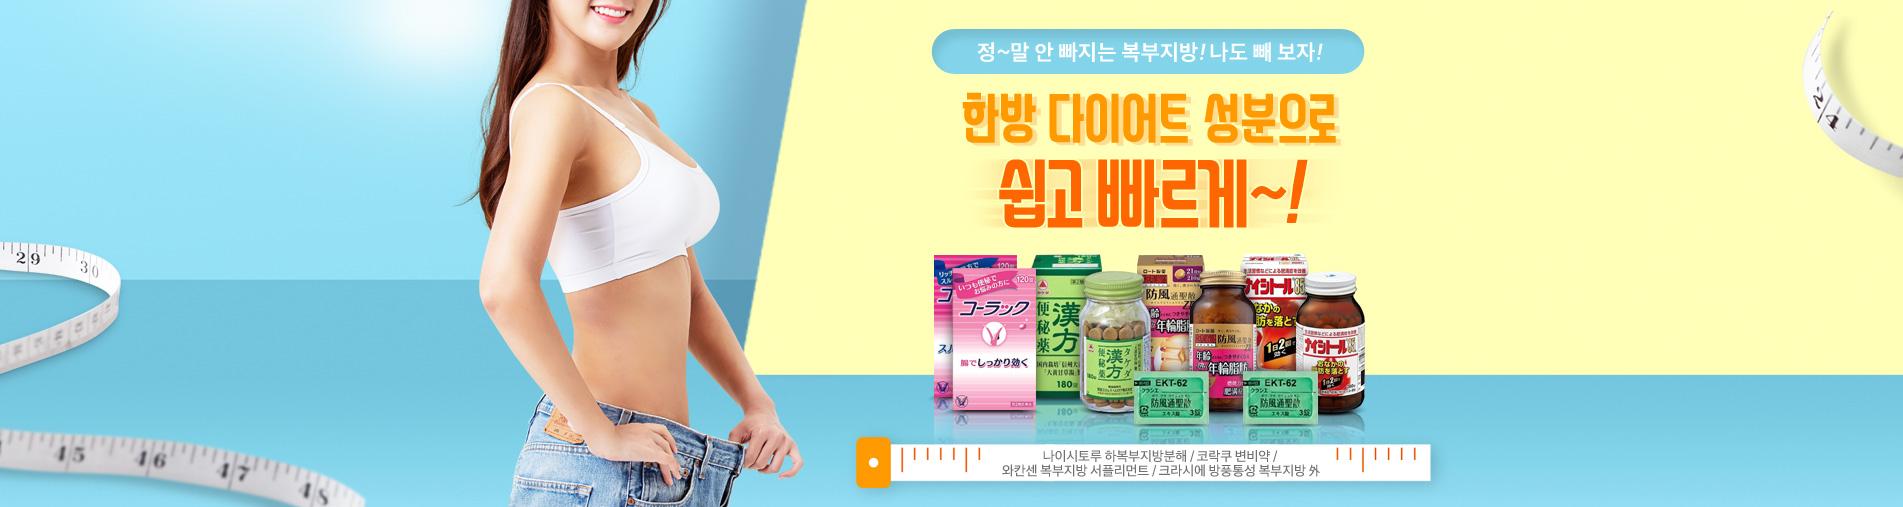 다이어트기획전_PC배너